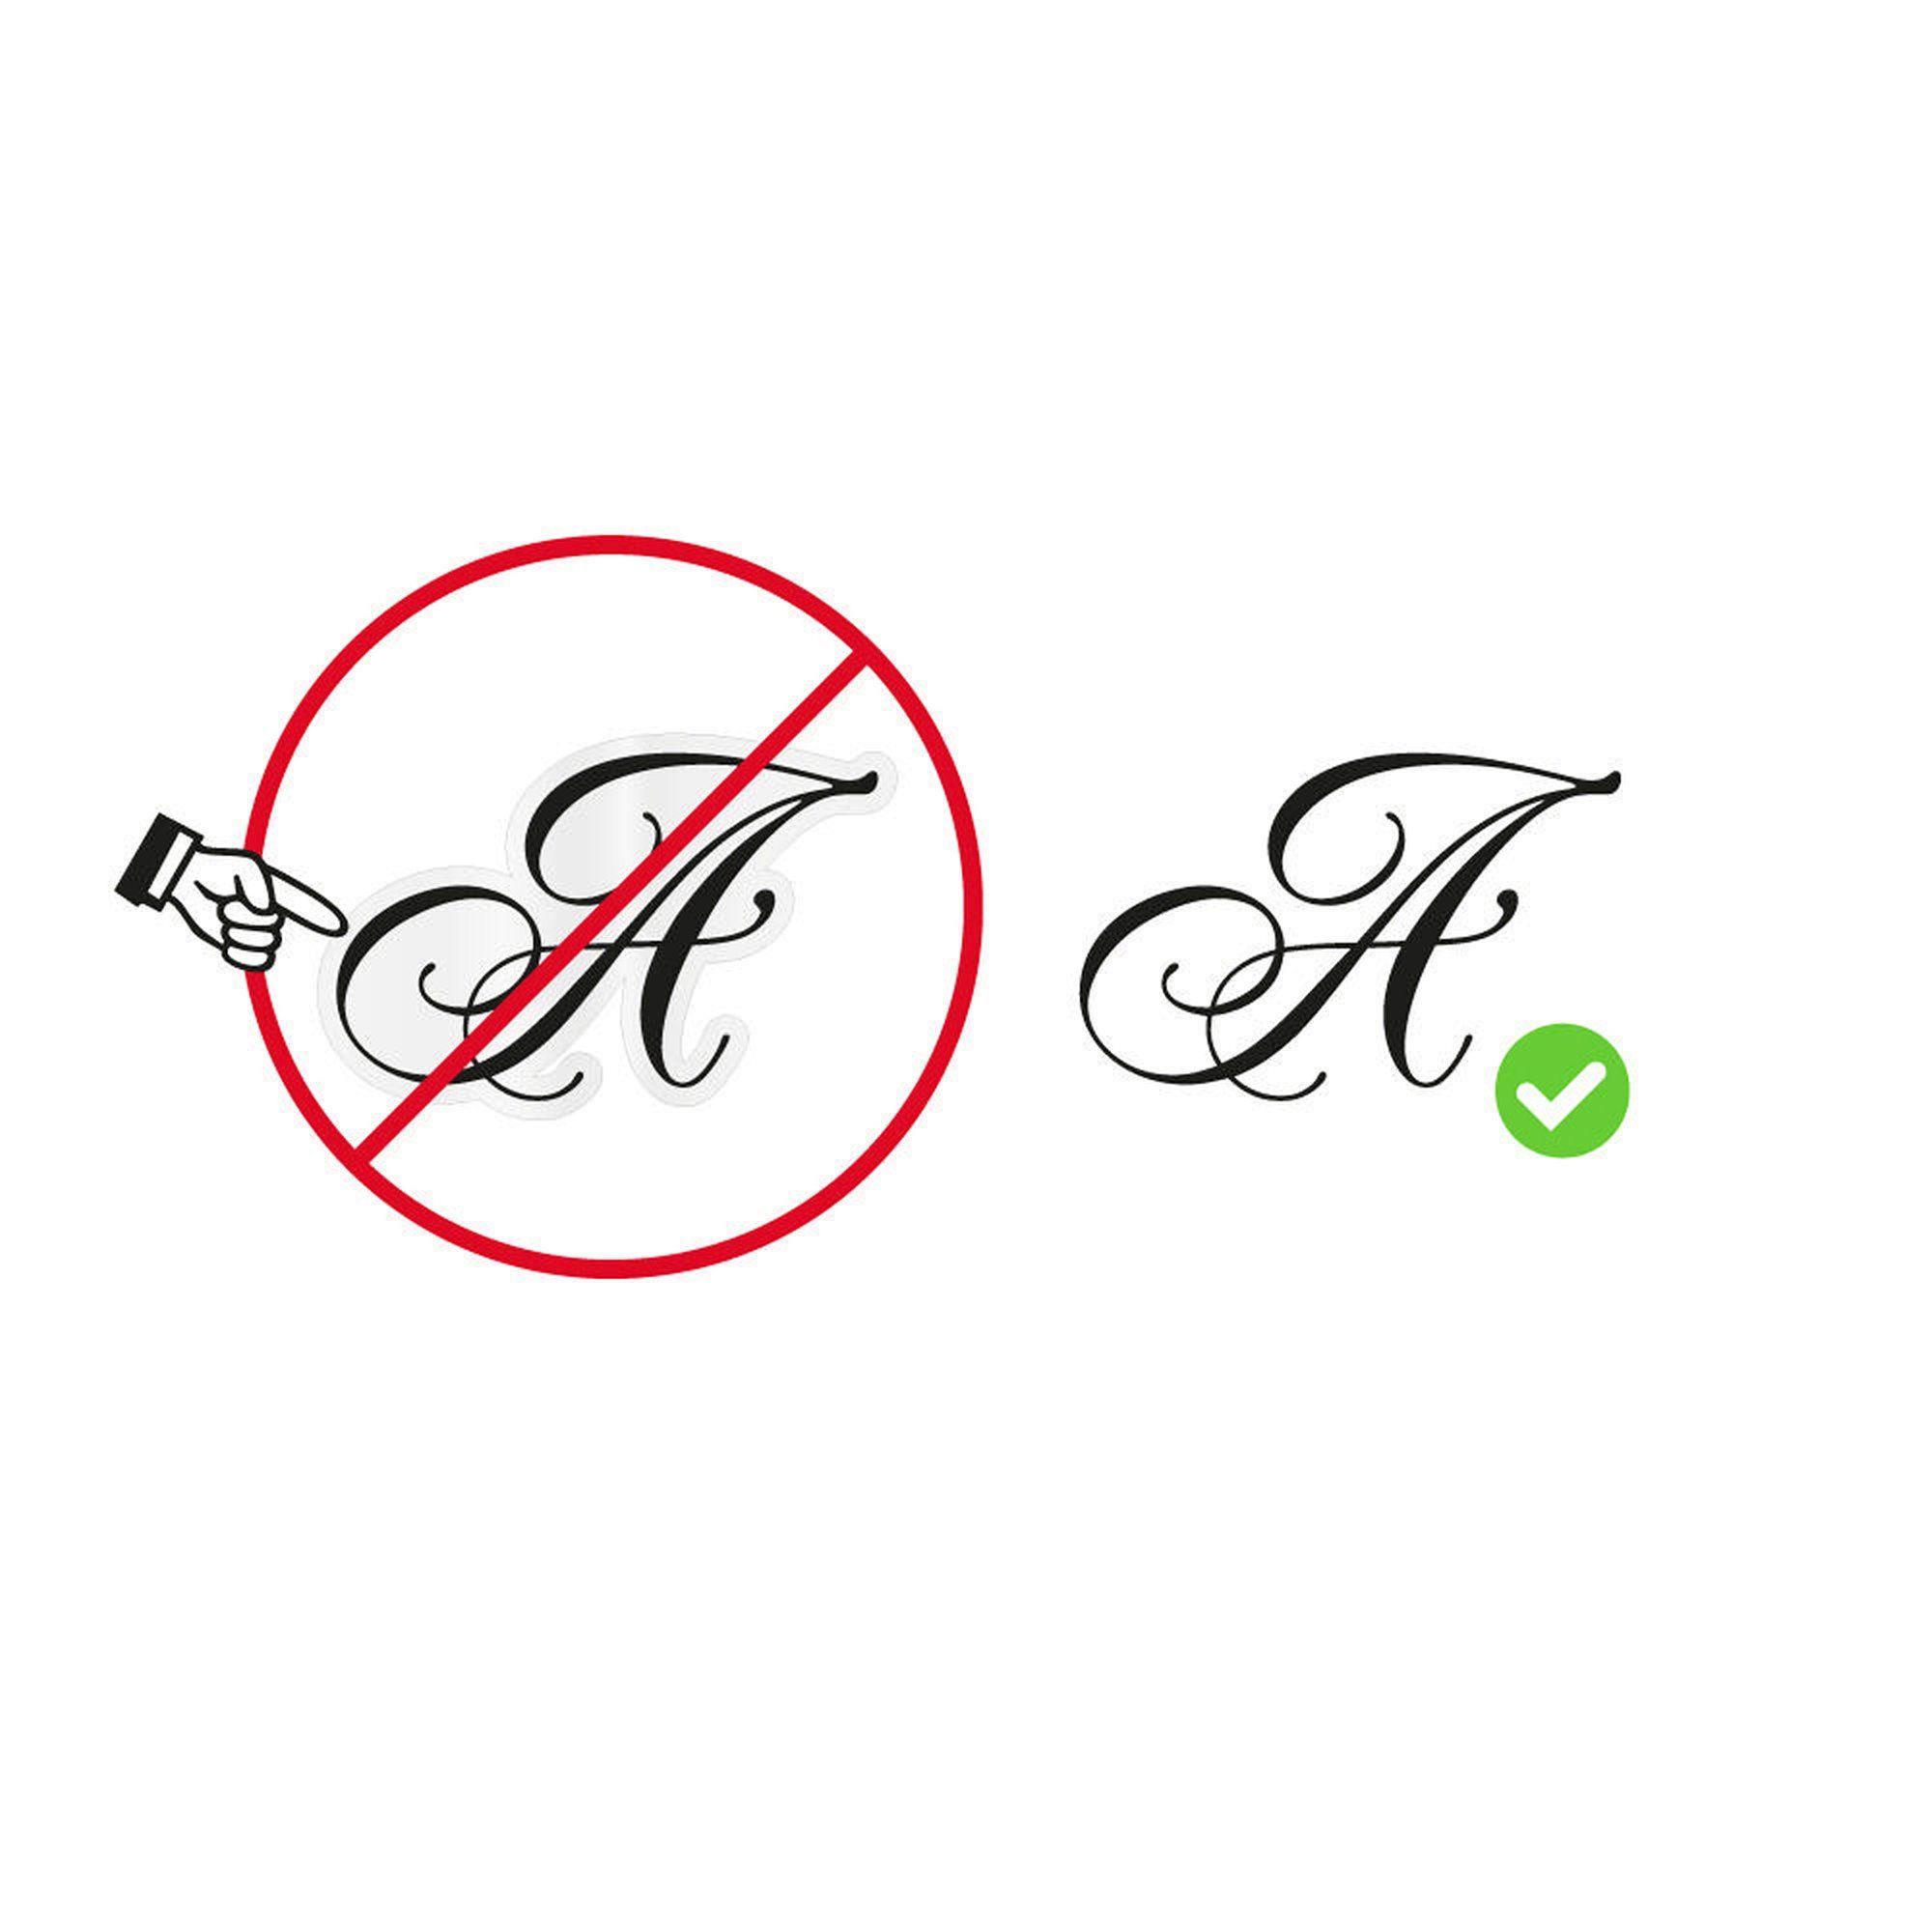 Verschönere kahle Wandflächen mit den tollen dekodino® Wandtattoos!Das Wandtattoo klebt auf nahezu jedem fett-, staub-, latex- und silikonfreien Untergrund, Raufaser (fein bis mittel) und normale Tapeten, Putz (keinen groben) sowie Fliesen.Die Folie klebt nicht auf wasser- oder schmutzabweisendem Anstrich.Haftungsmindernd können angemischte Baumarktfarben wirken, bei denen ein hoher Anteil an Bindemitteln verwendet wurde.Wir empfehlen das Wandtattoo innerhalb von zwei Wochen nach Lieferung anzub